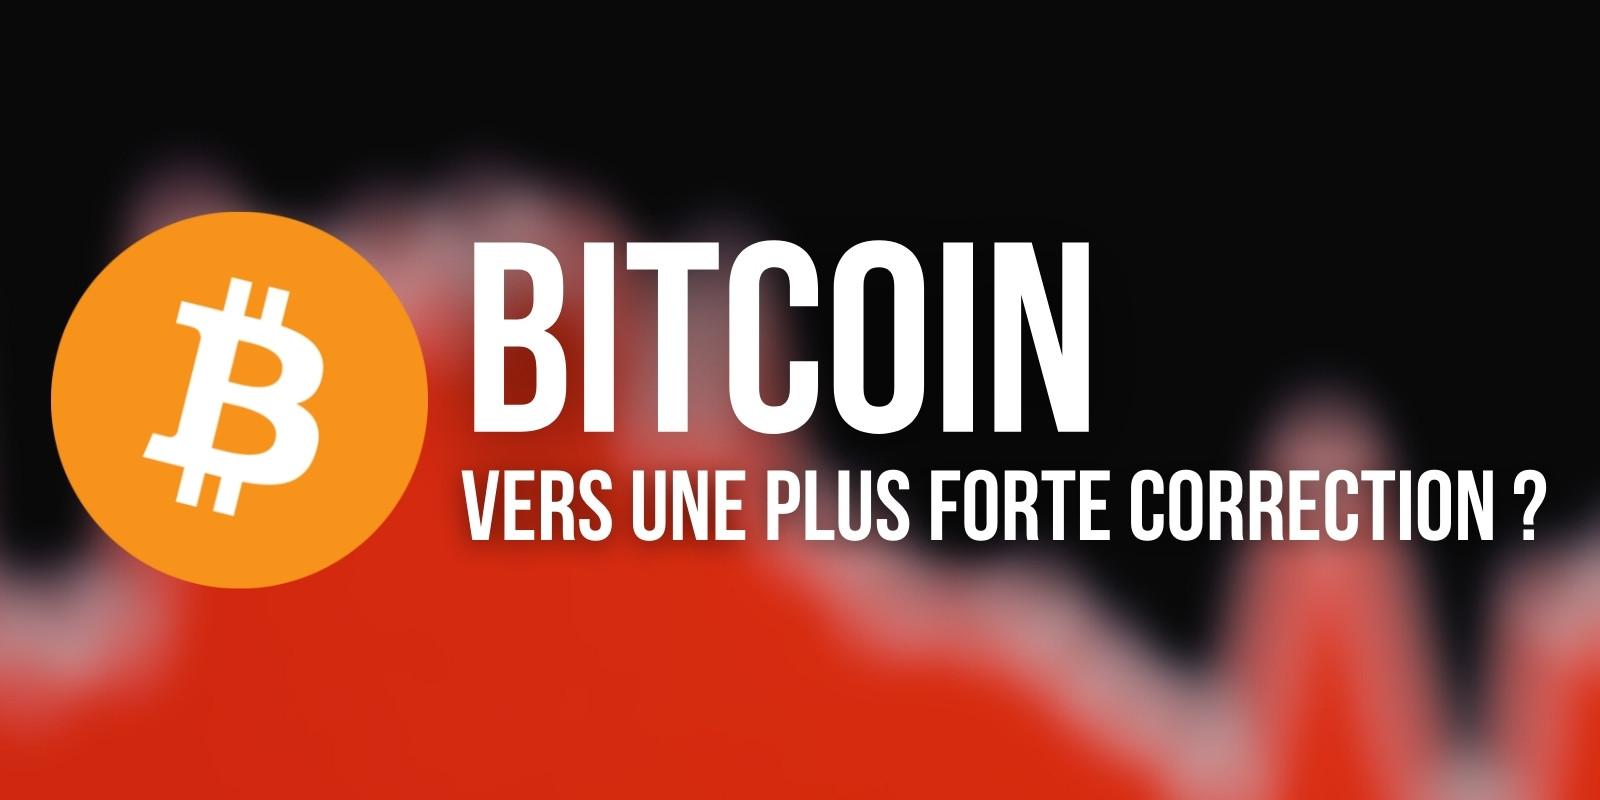 Est-ce le début d'une correction plus forte pour le Bitcoin (BTC) ?